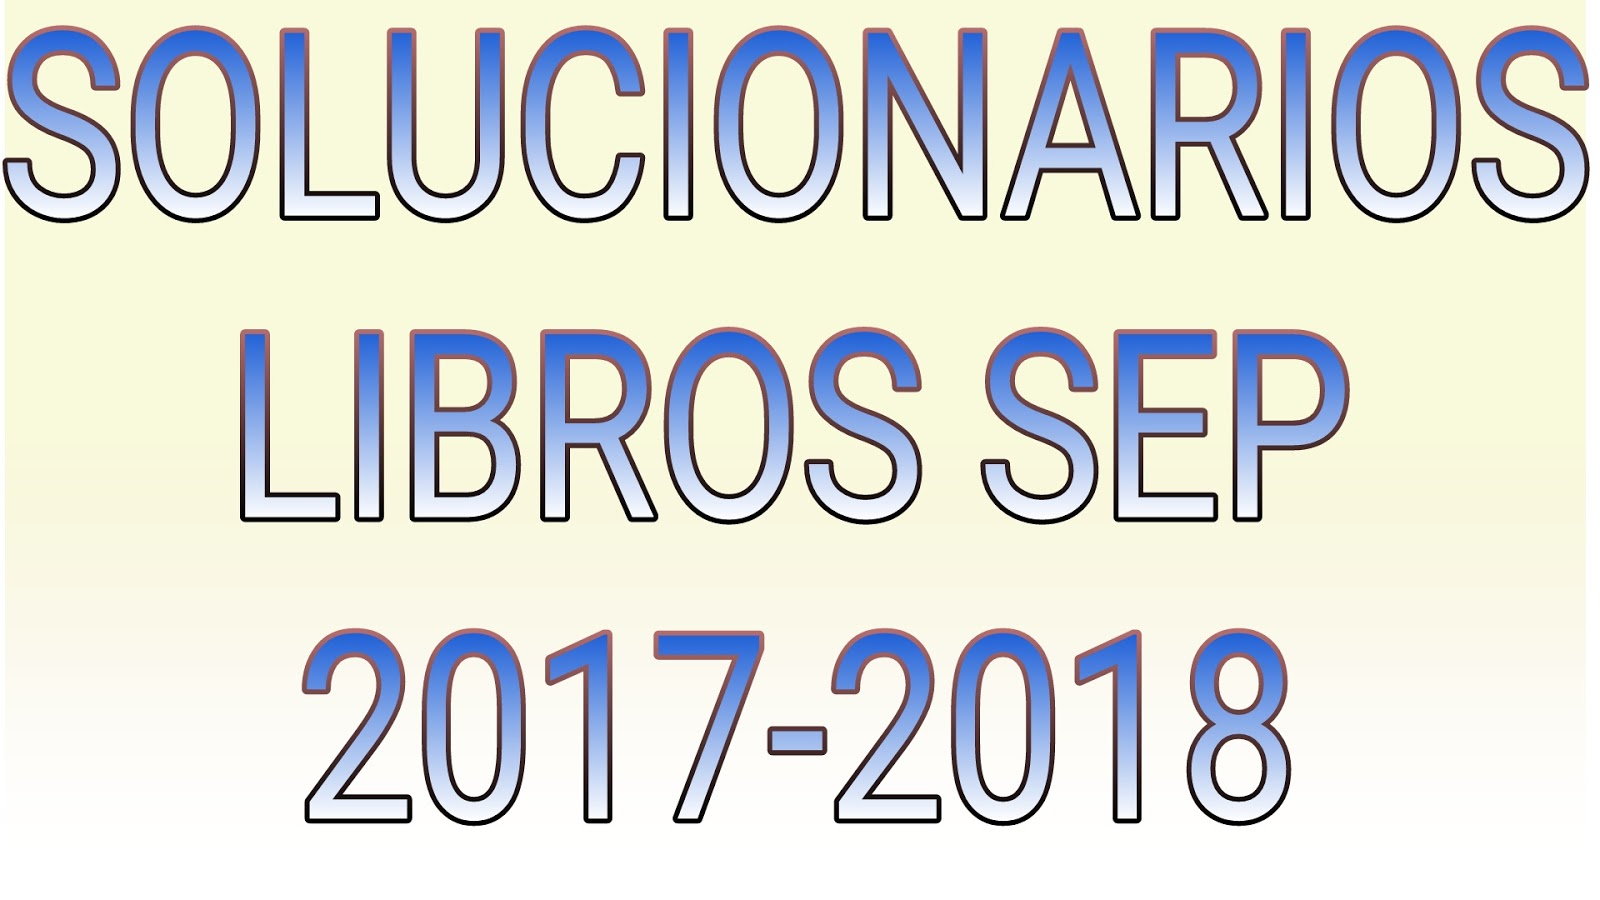 SOLUCIONARIOS LIBROS SEP CUARTO GRADO DE PRIMARIA - MILTON PAREDES ...